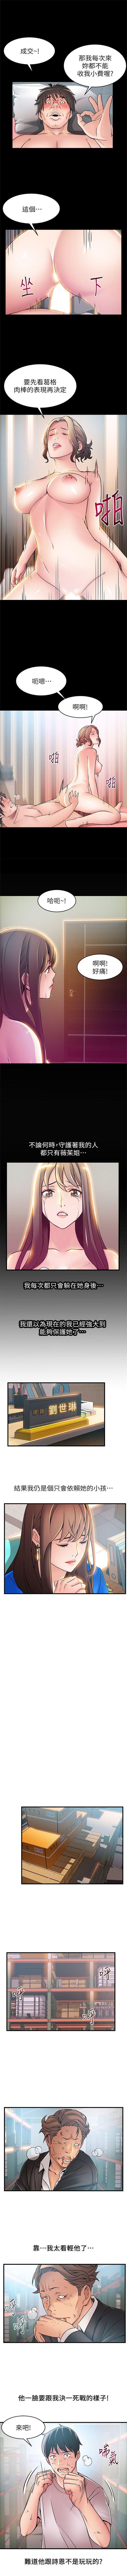 弱点 1-64 中文翻译(更新中) 175